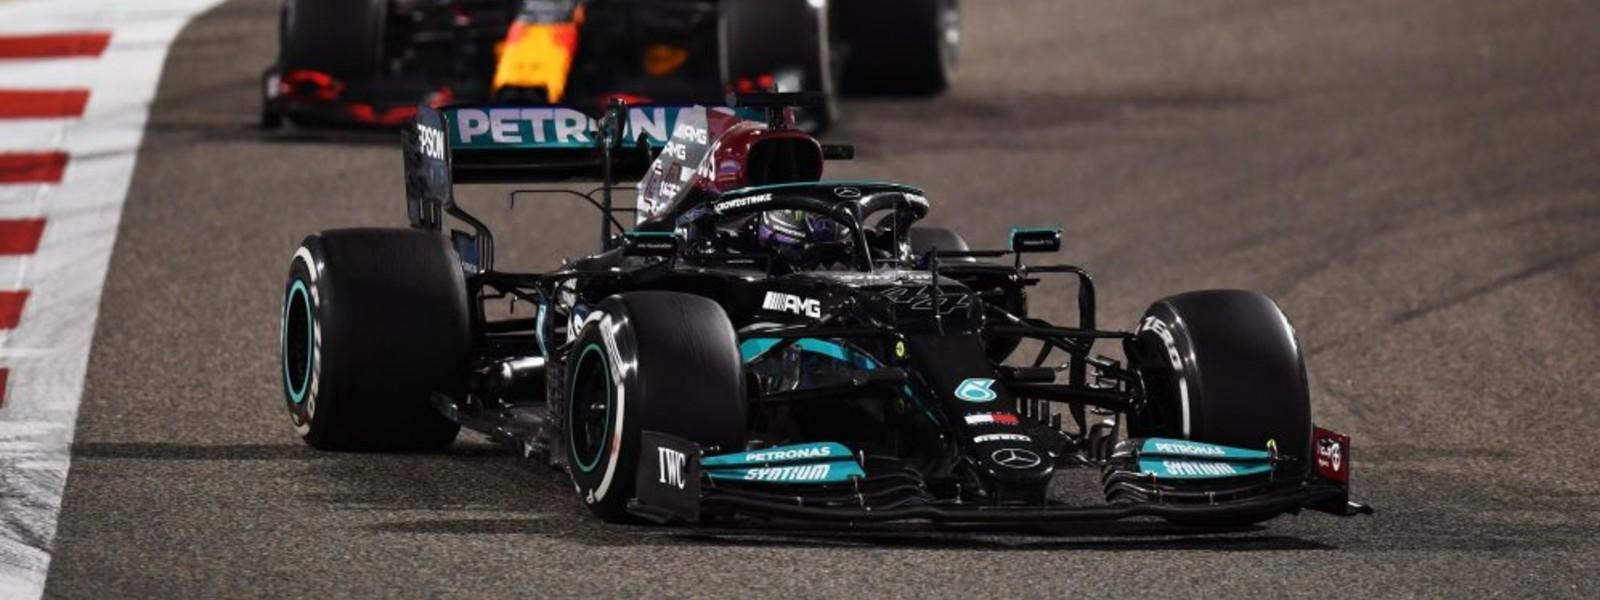 Hamilton holds off Verstappen to win thrilling season opener in Bahrain